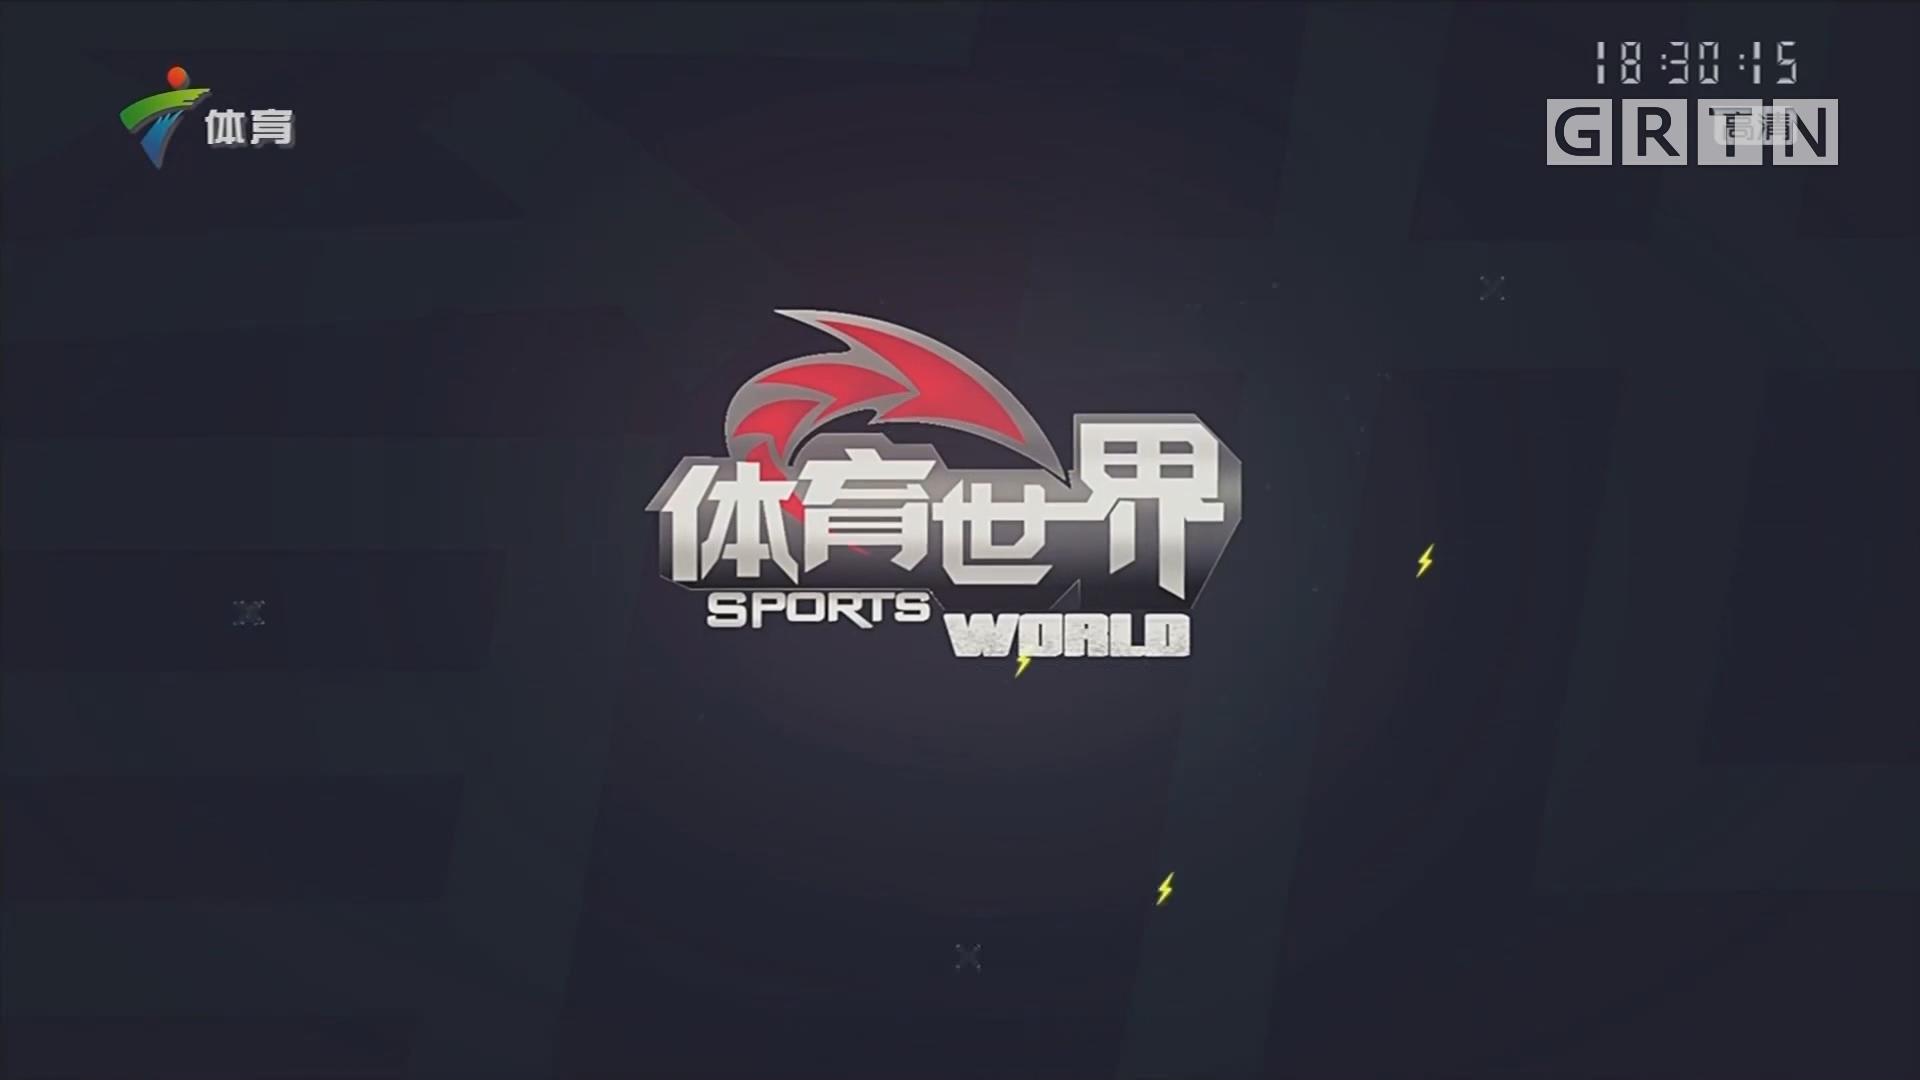 """[HD][2018-11-20]体育世界:""""金标""""广马智拒 """"替跑、蹭跑"""""""